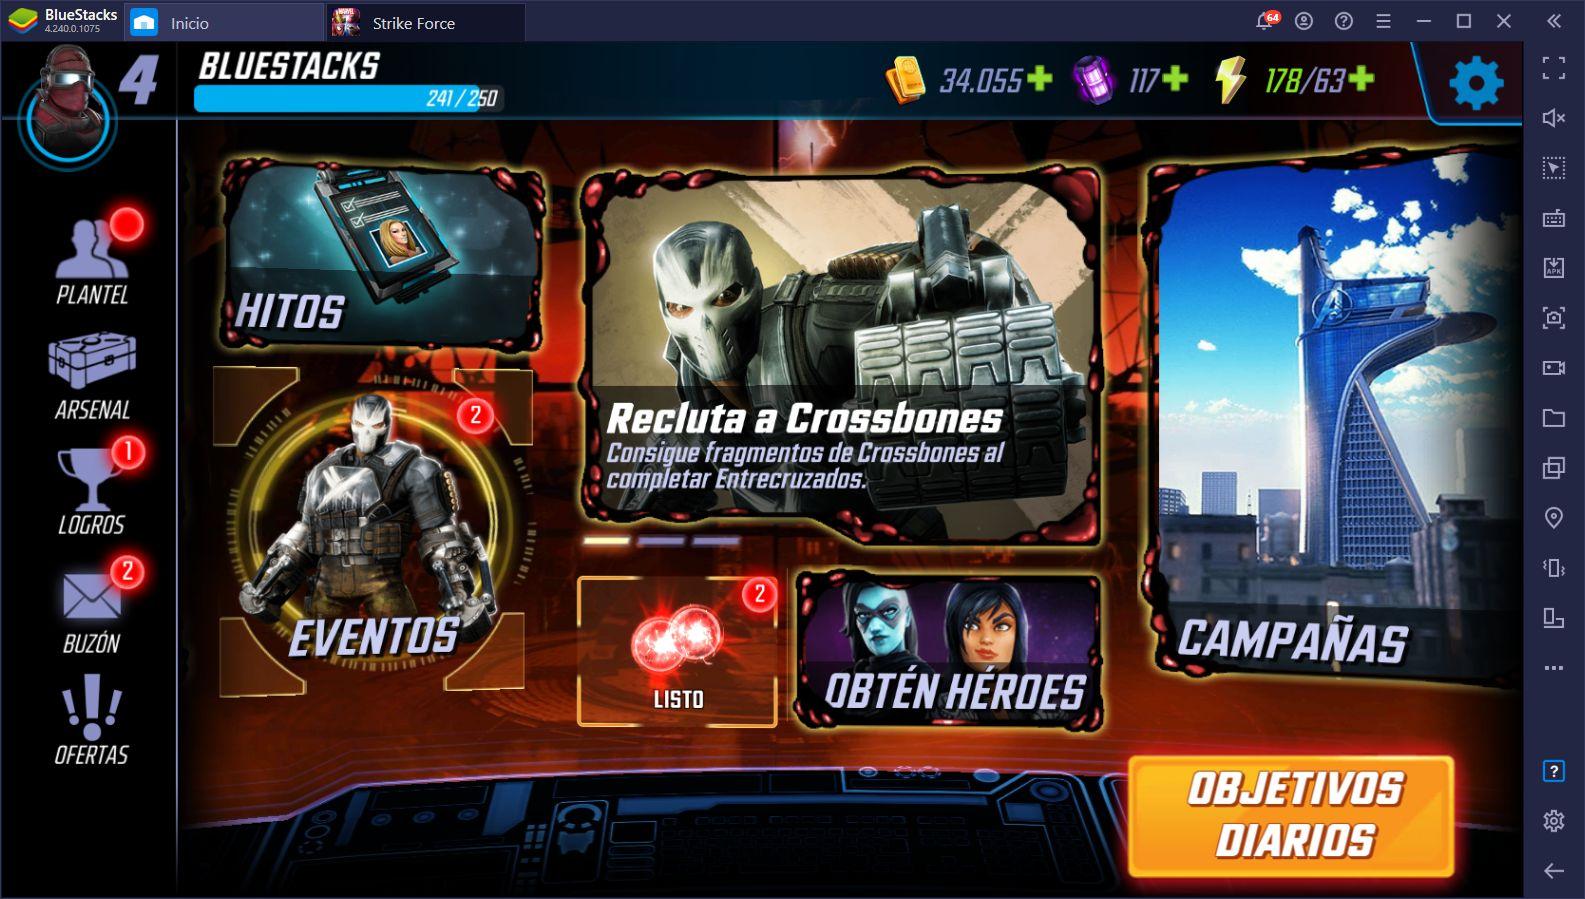 Actualización de Halloween Para Marvel Strike Force Introduce a 'Anti-Venom' y Otros Eventos Interesantes